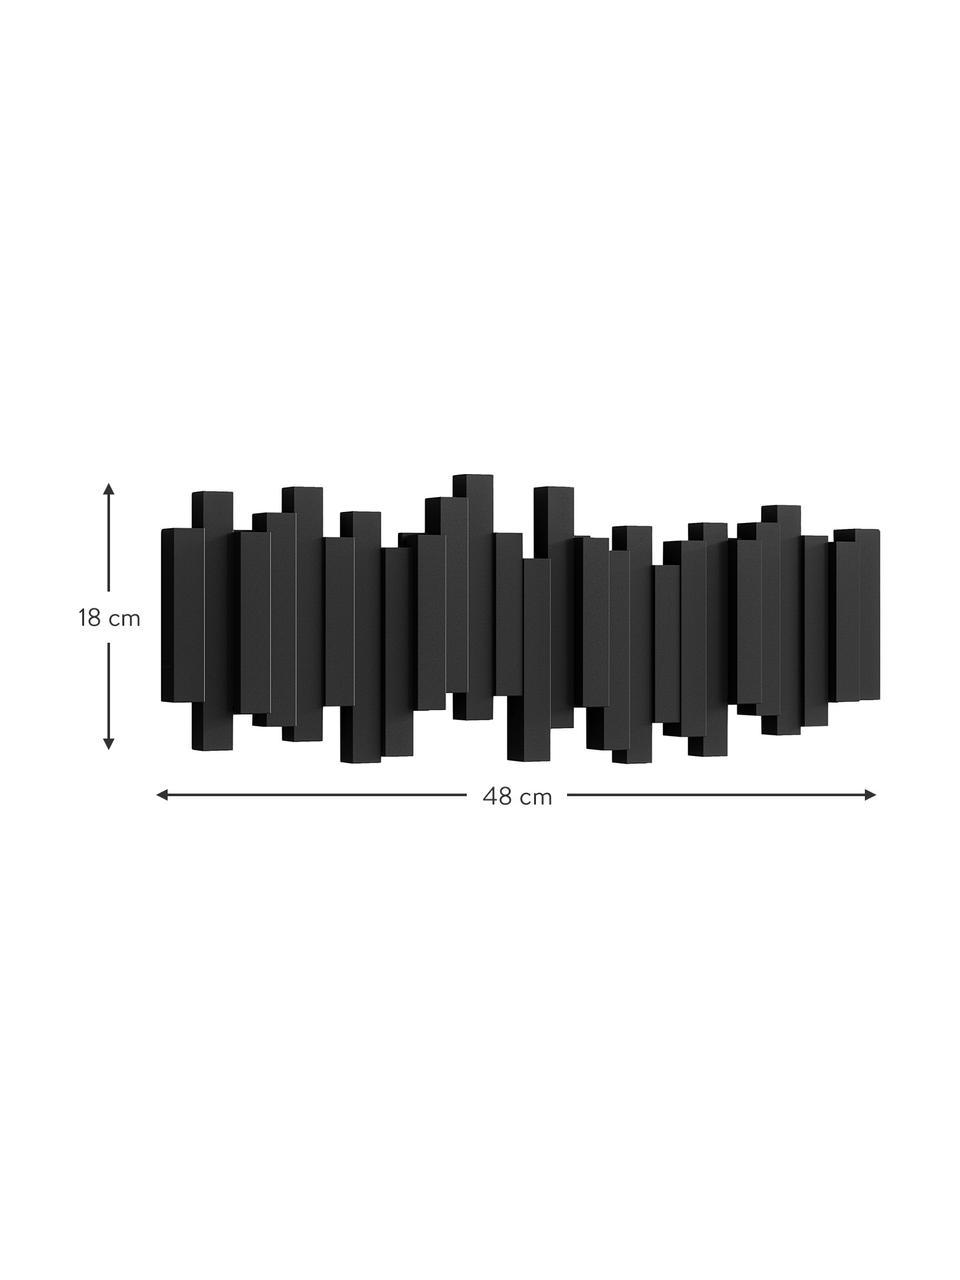 Garderobenhaken Sticks in Schwarz, Kunststoff, Schwarz, 48 x 18 cm